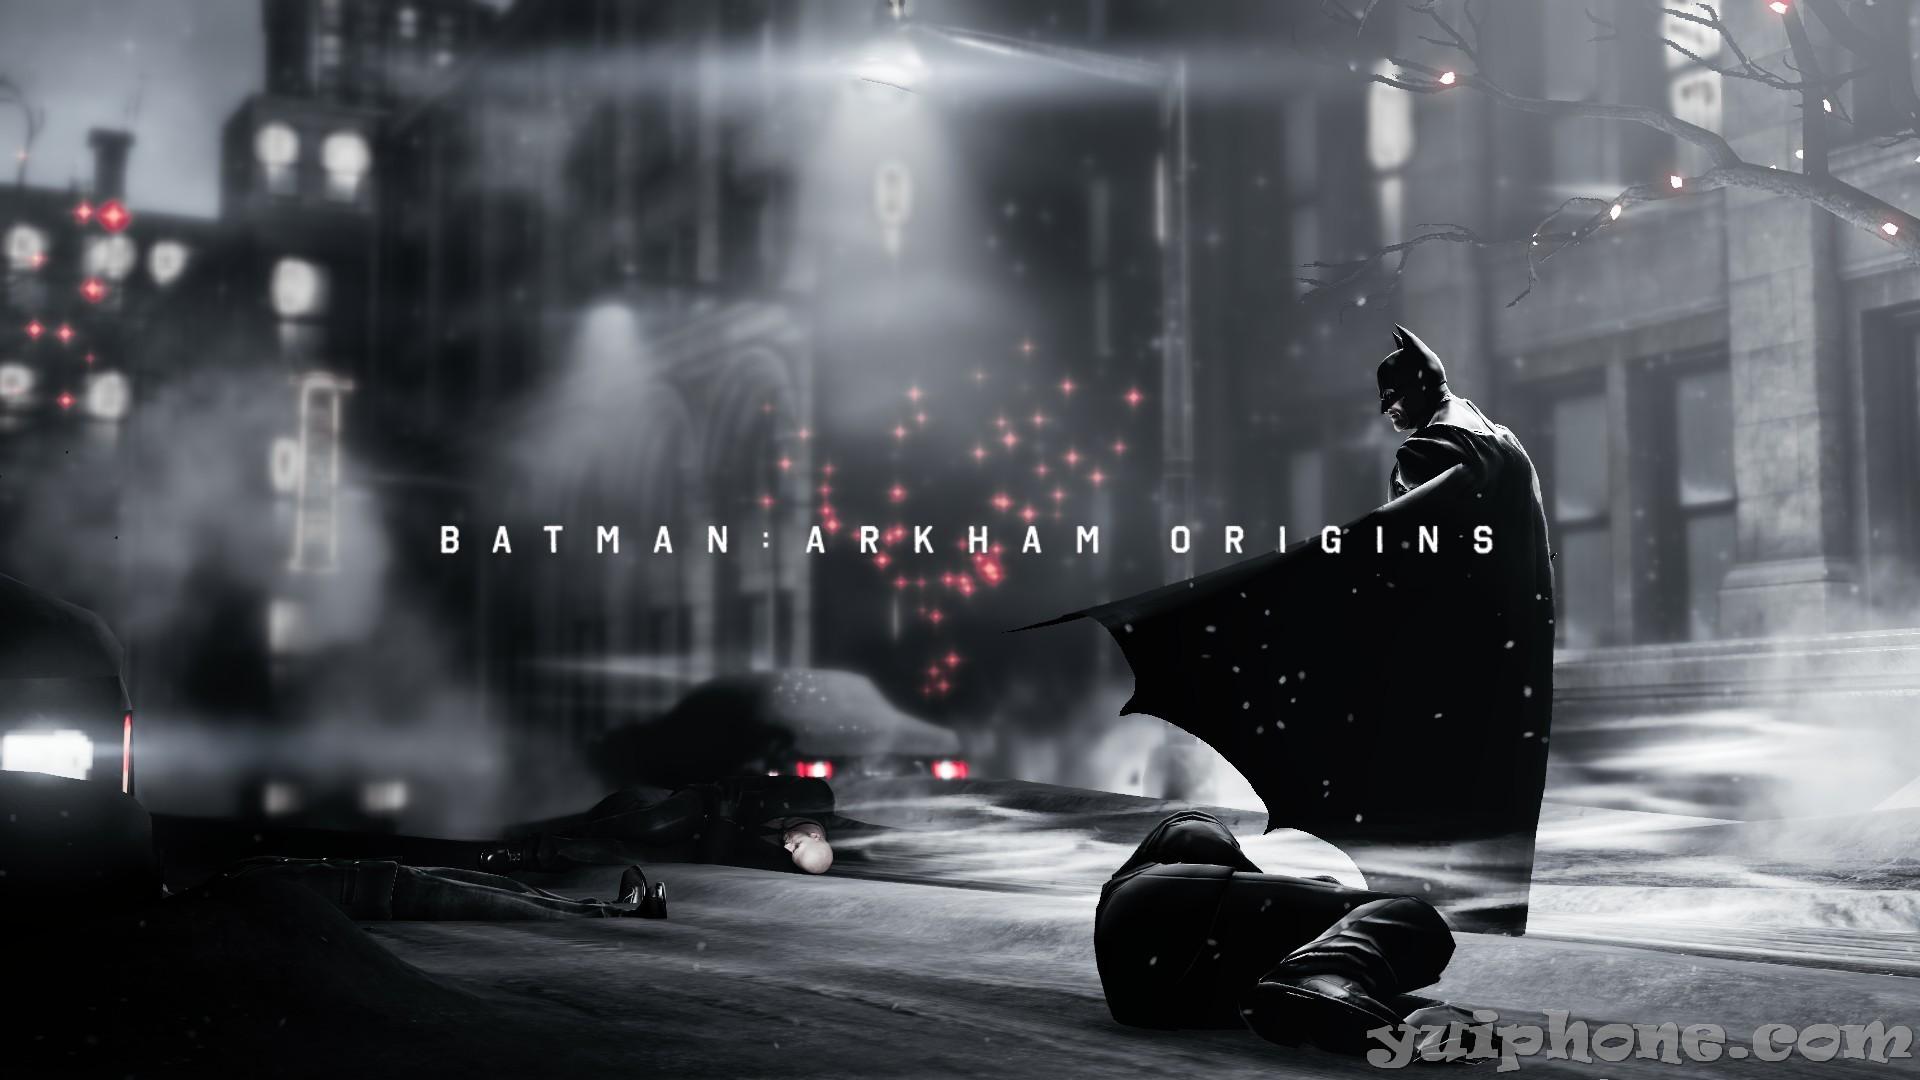 Batman Arkham Origins Wallpaper (33 Wallpapers)